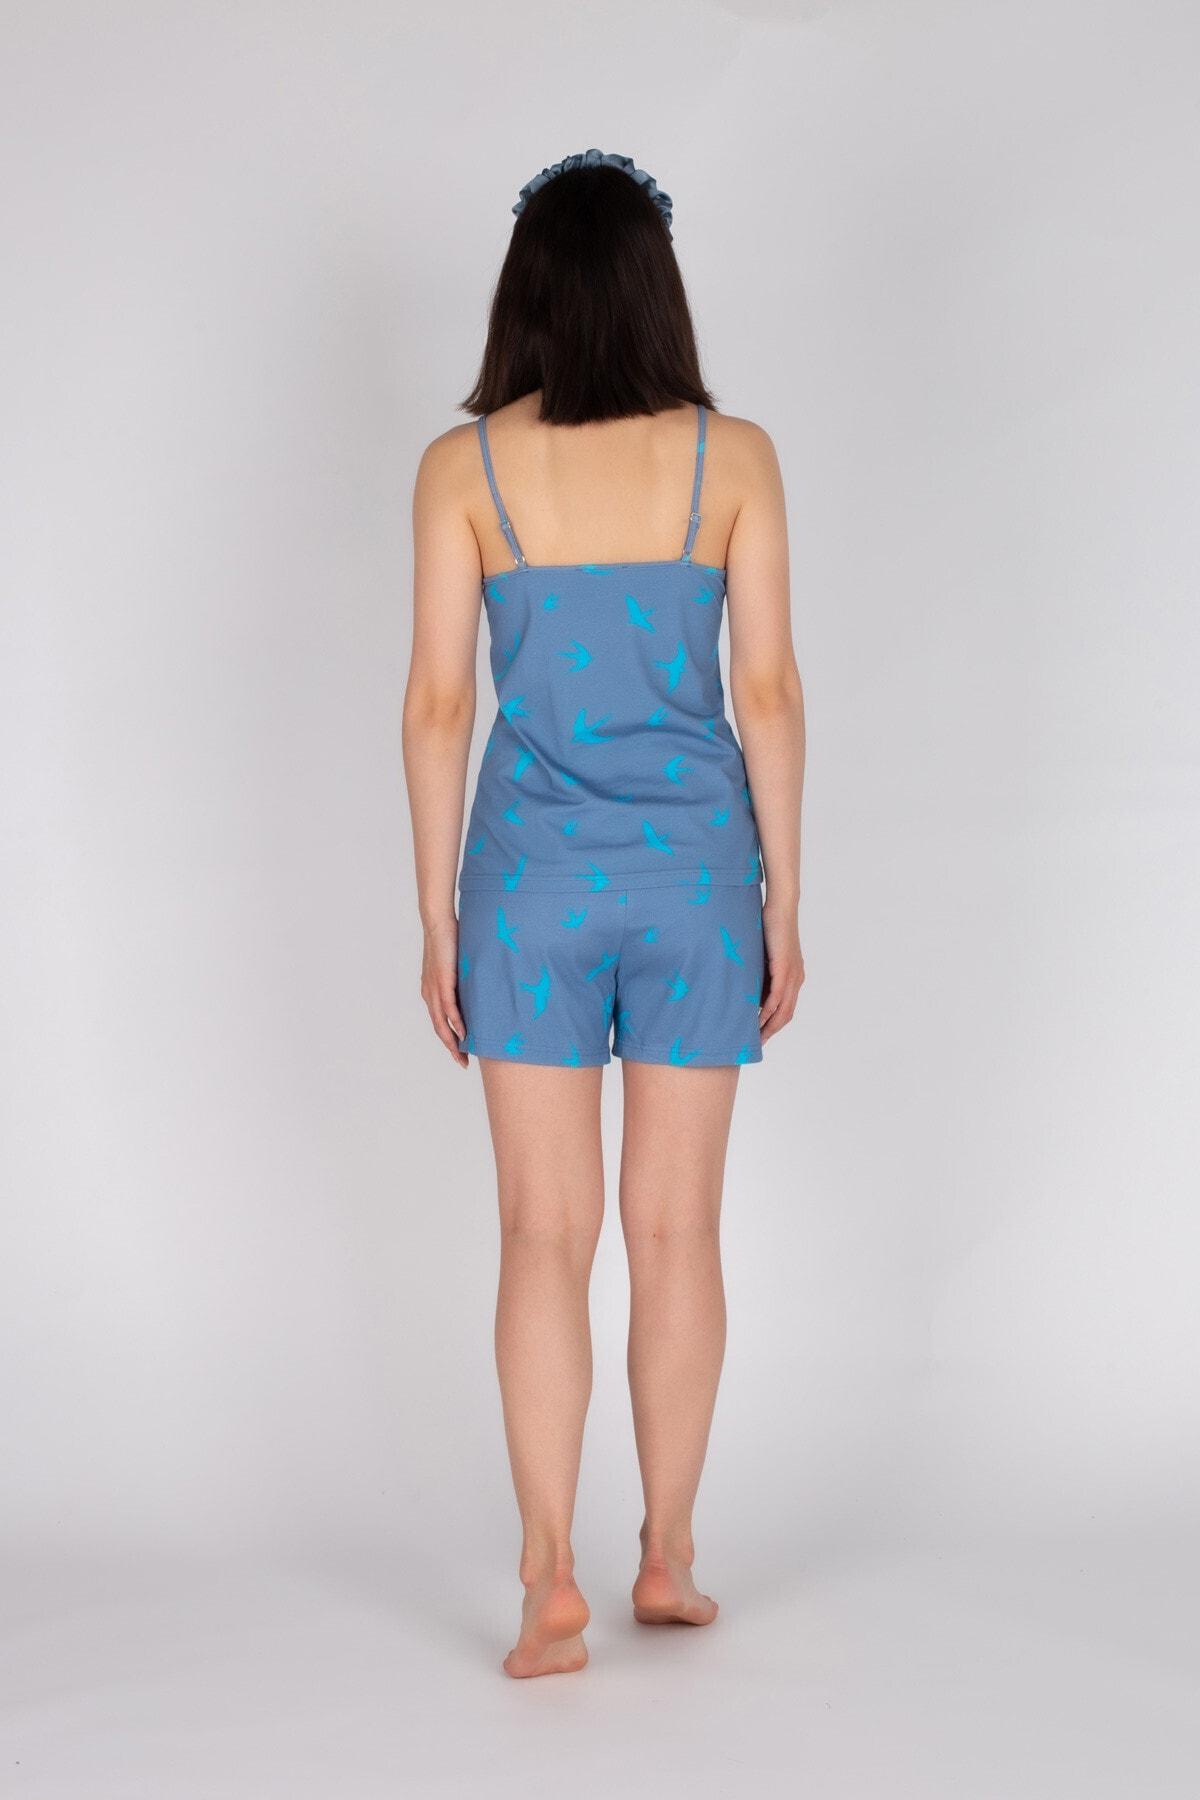 Hays Kadın Mavi Ip Askılı Kuş Desenli Şortlu Pijama Takımı 2